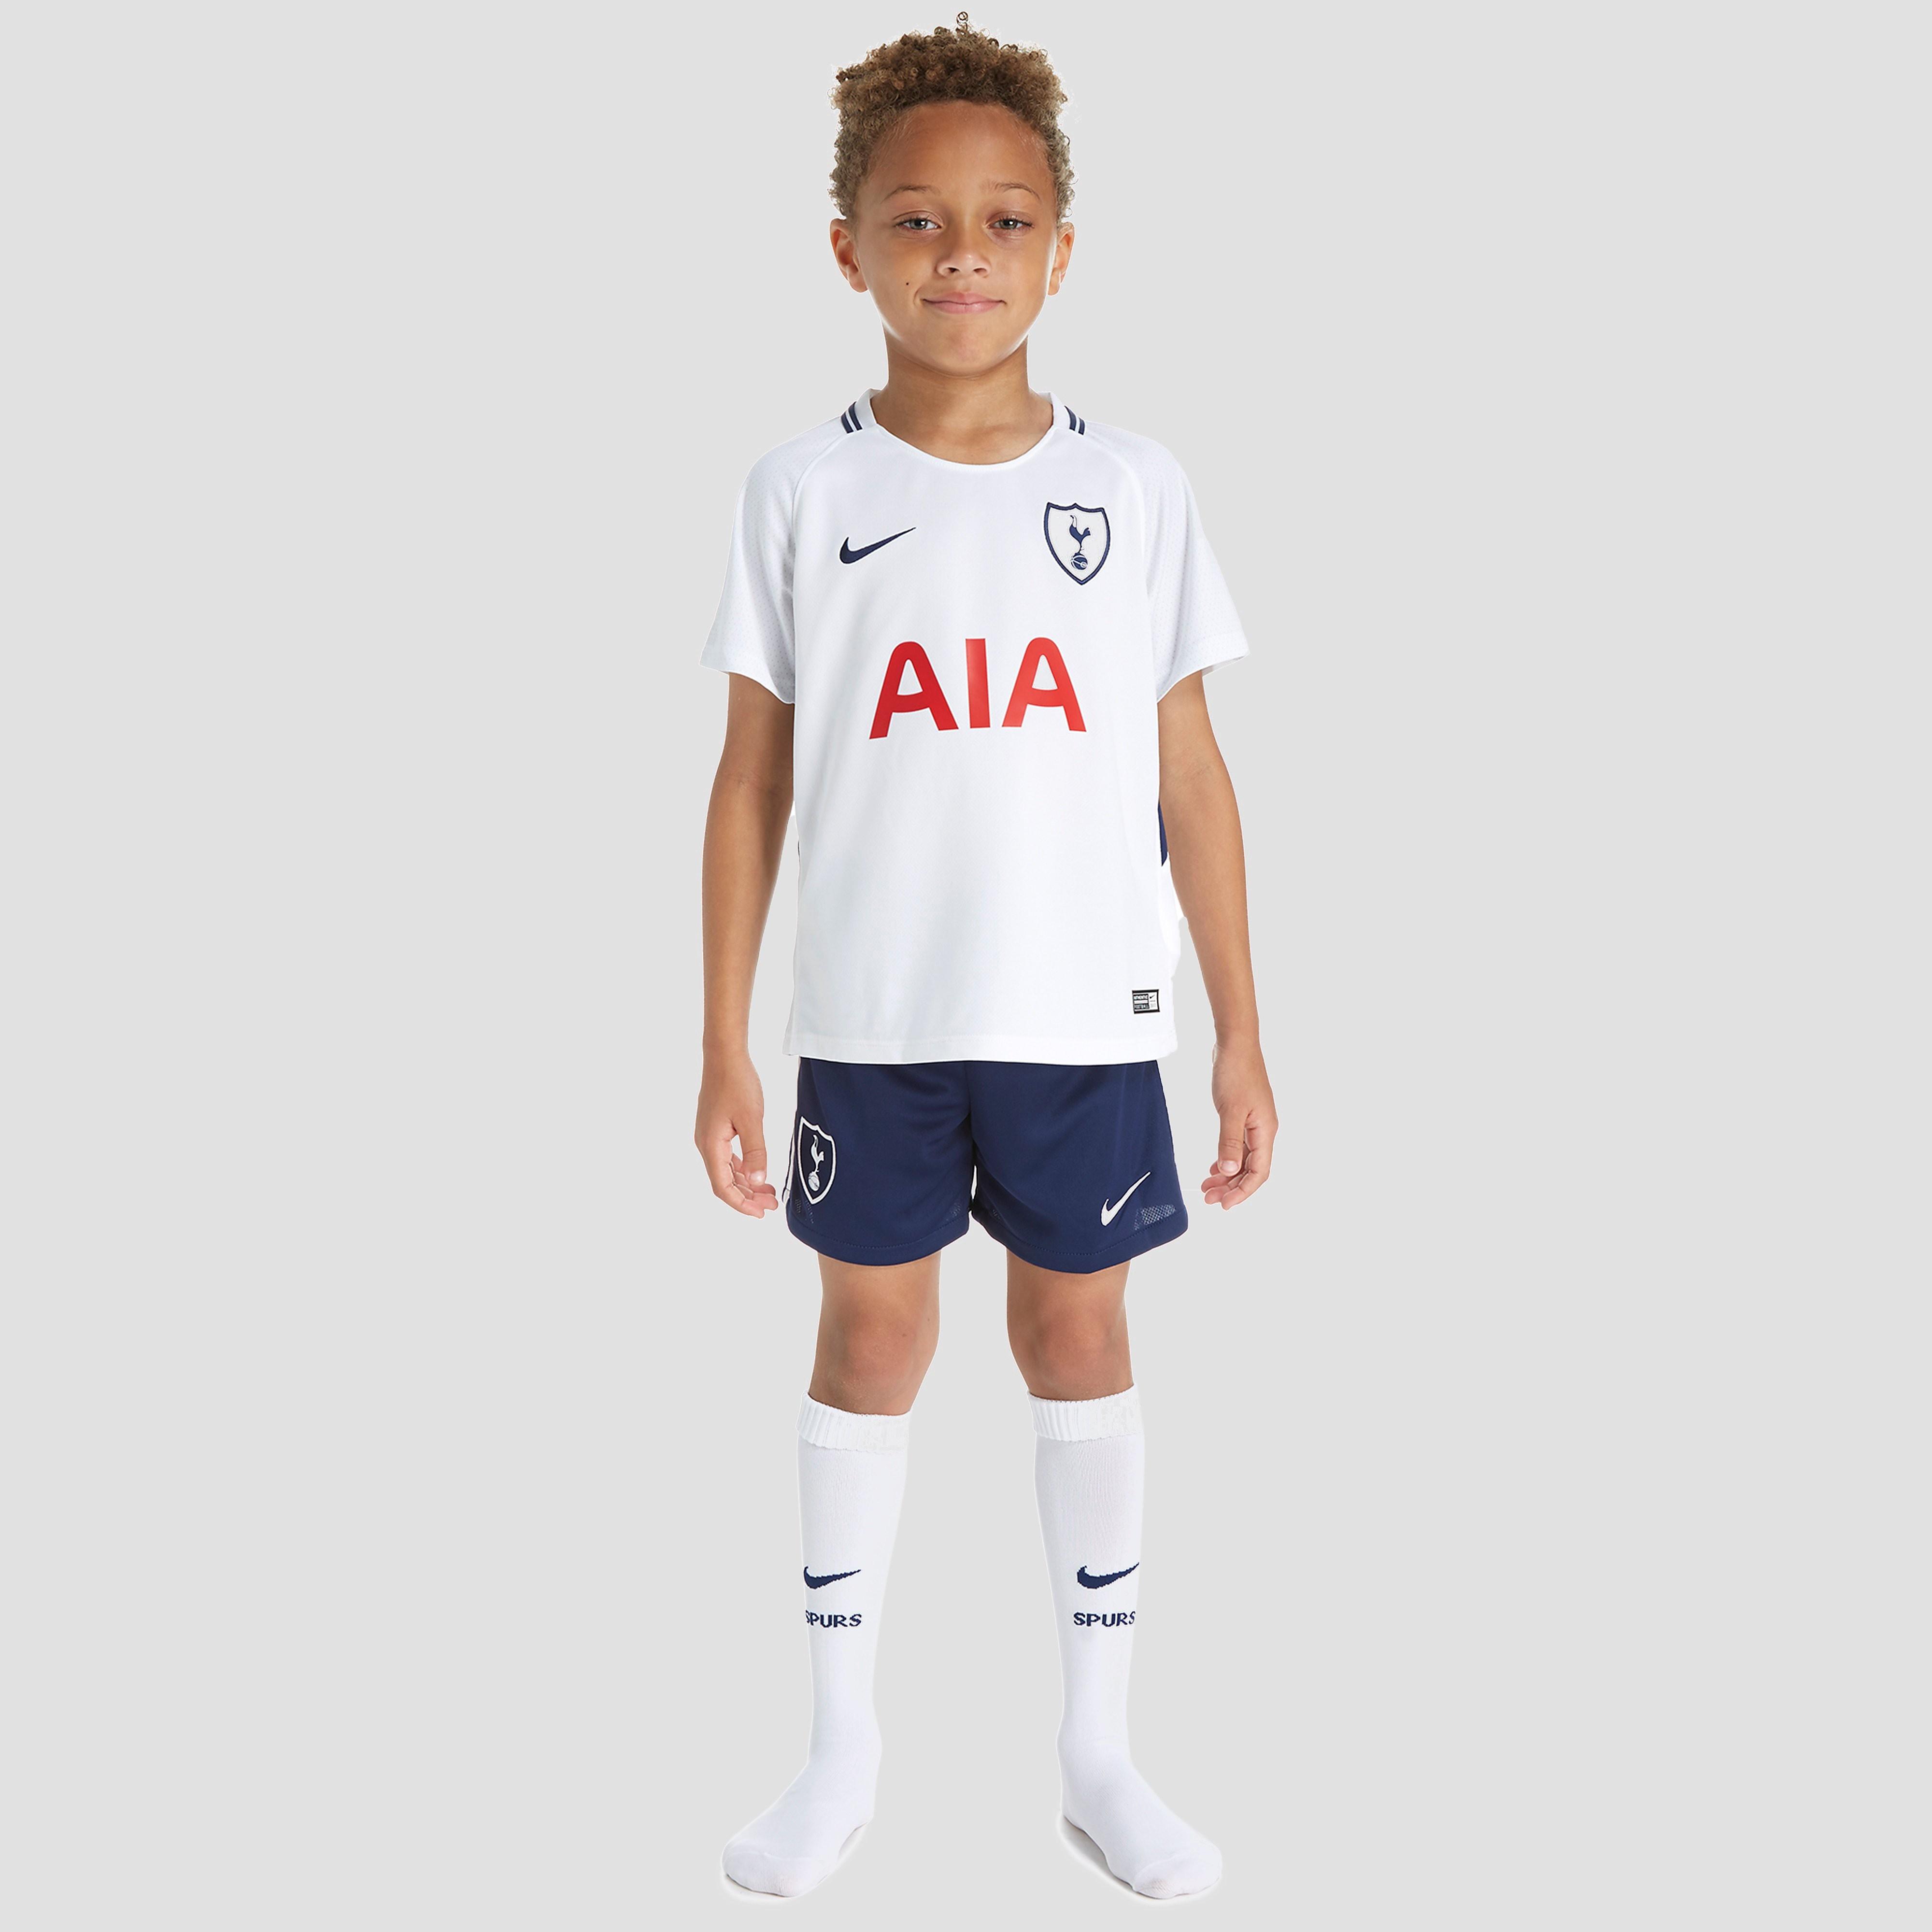 Nike Tottenham Hotspur 2017/18 Home Kit Children